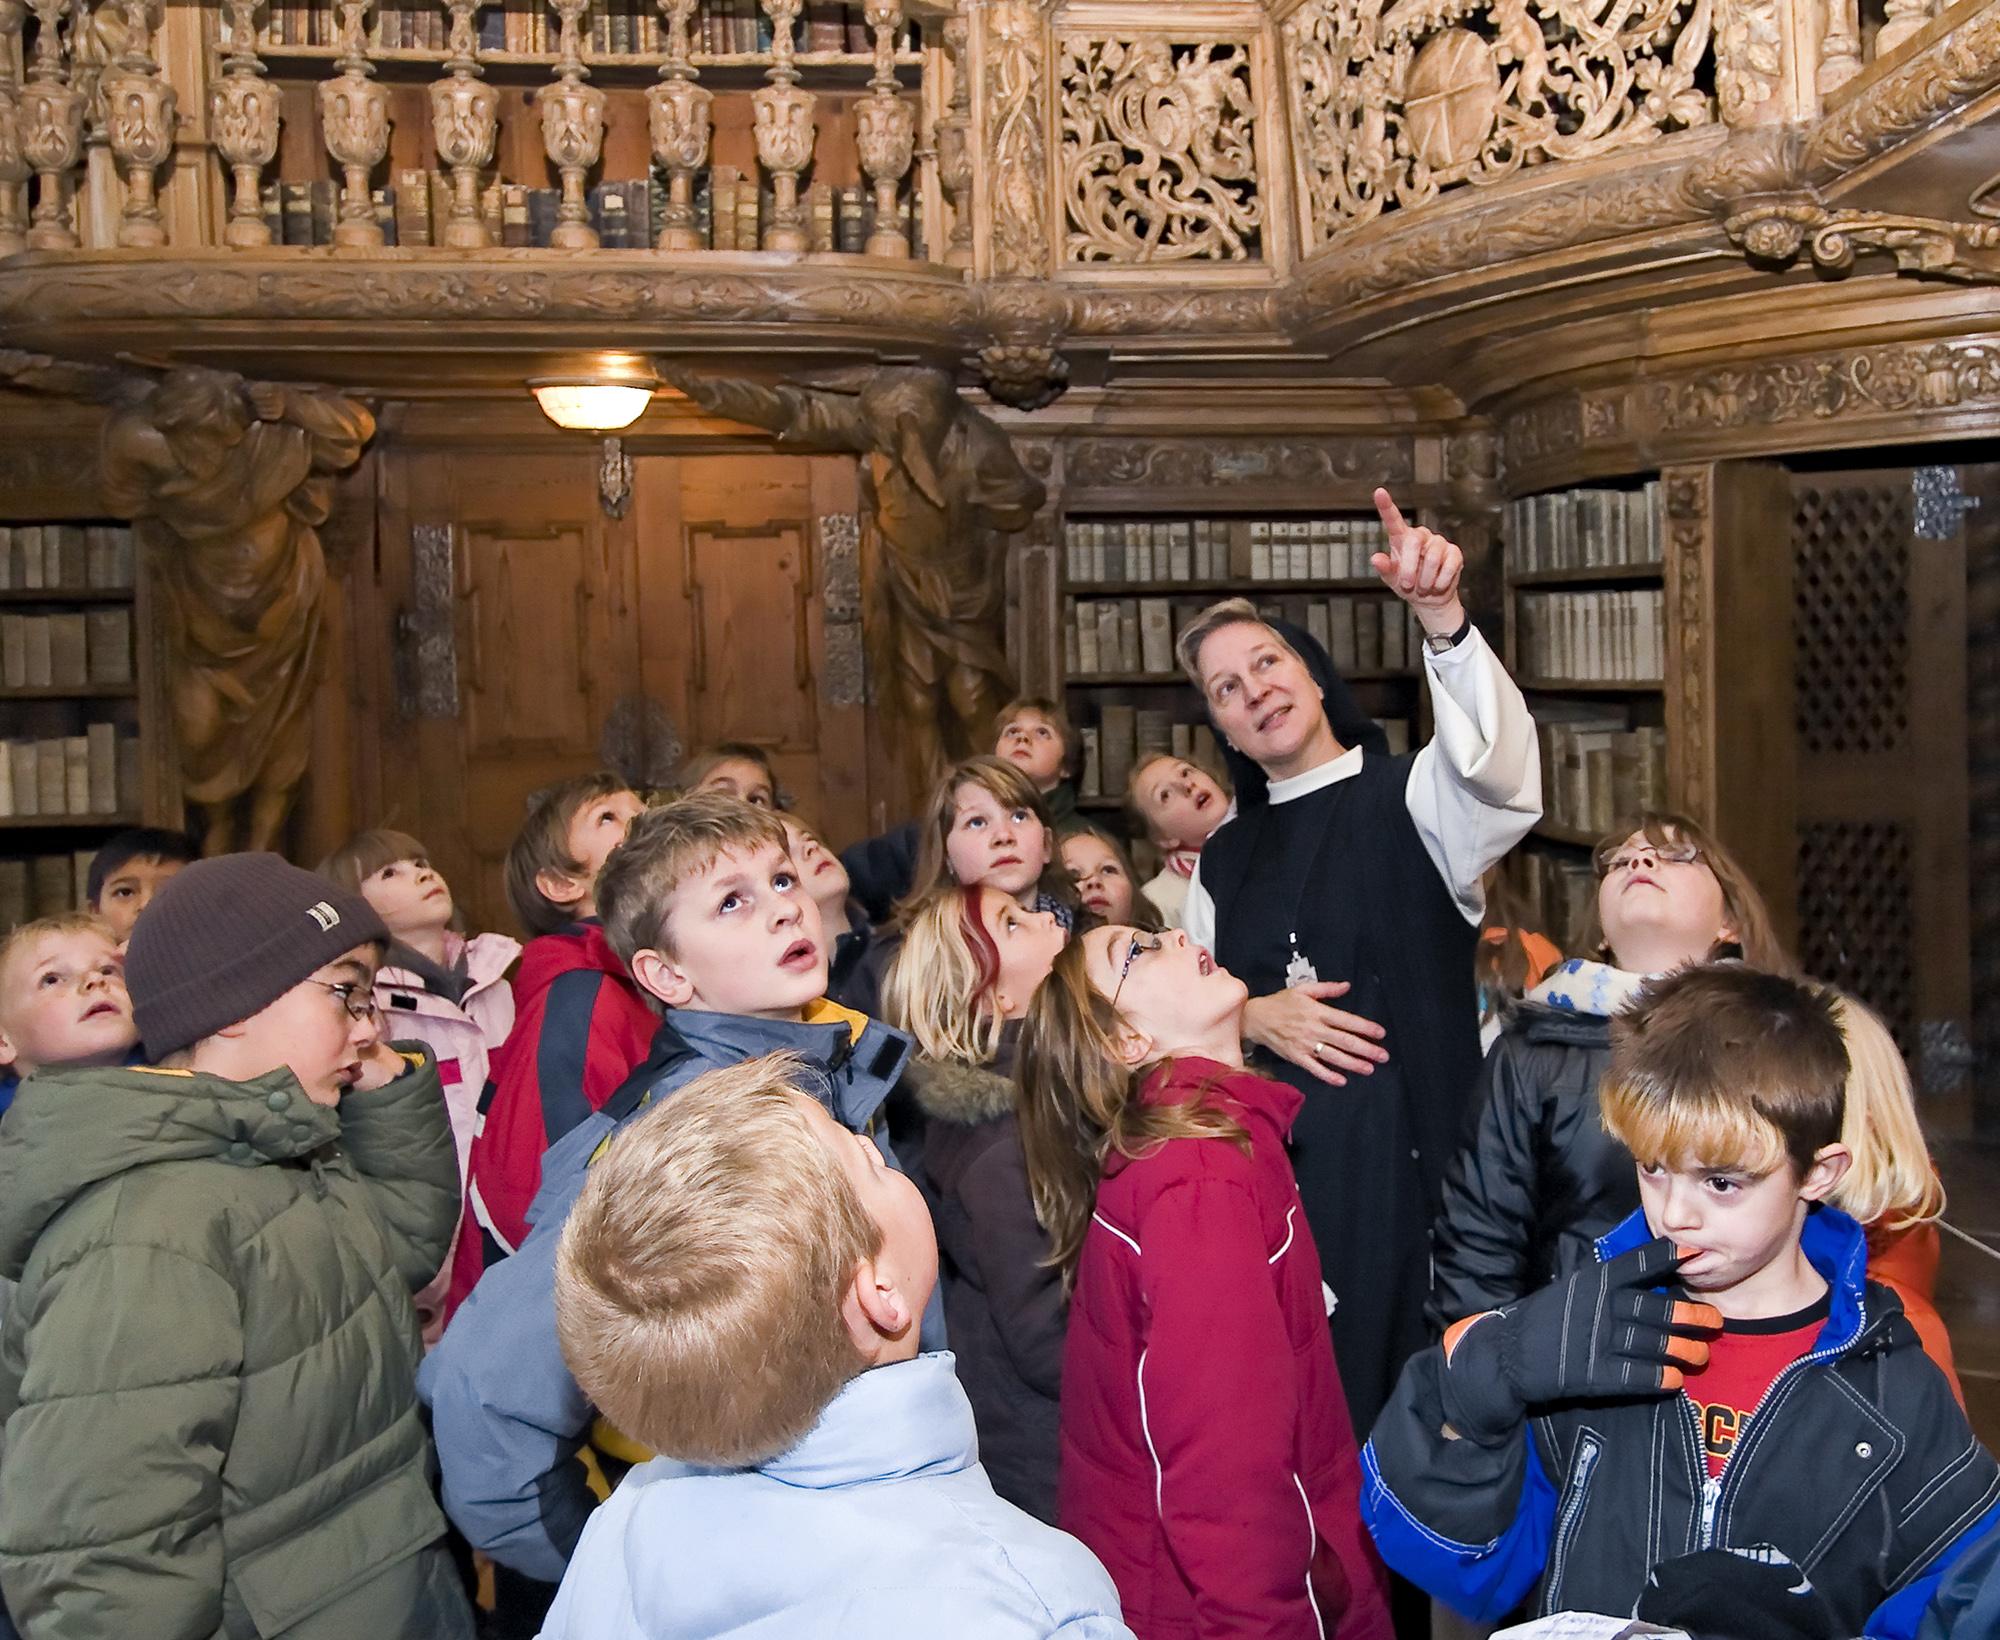 Kinderführung in der Abtei Waldsassen - Foto: Abtei Waldsassen